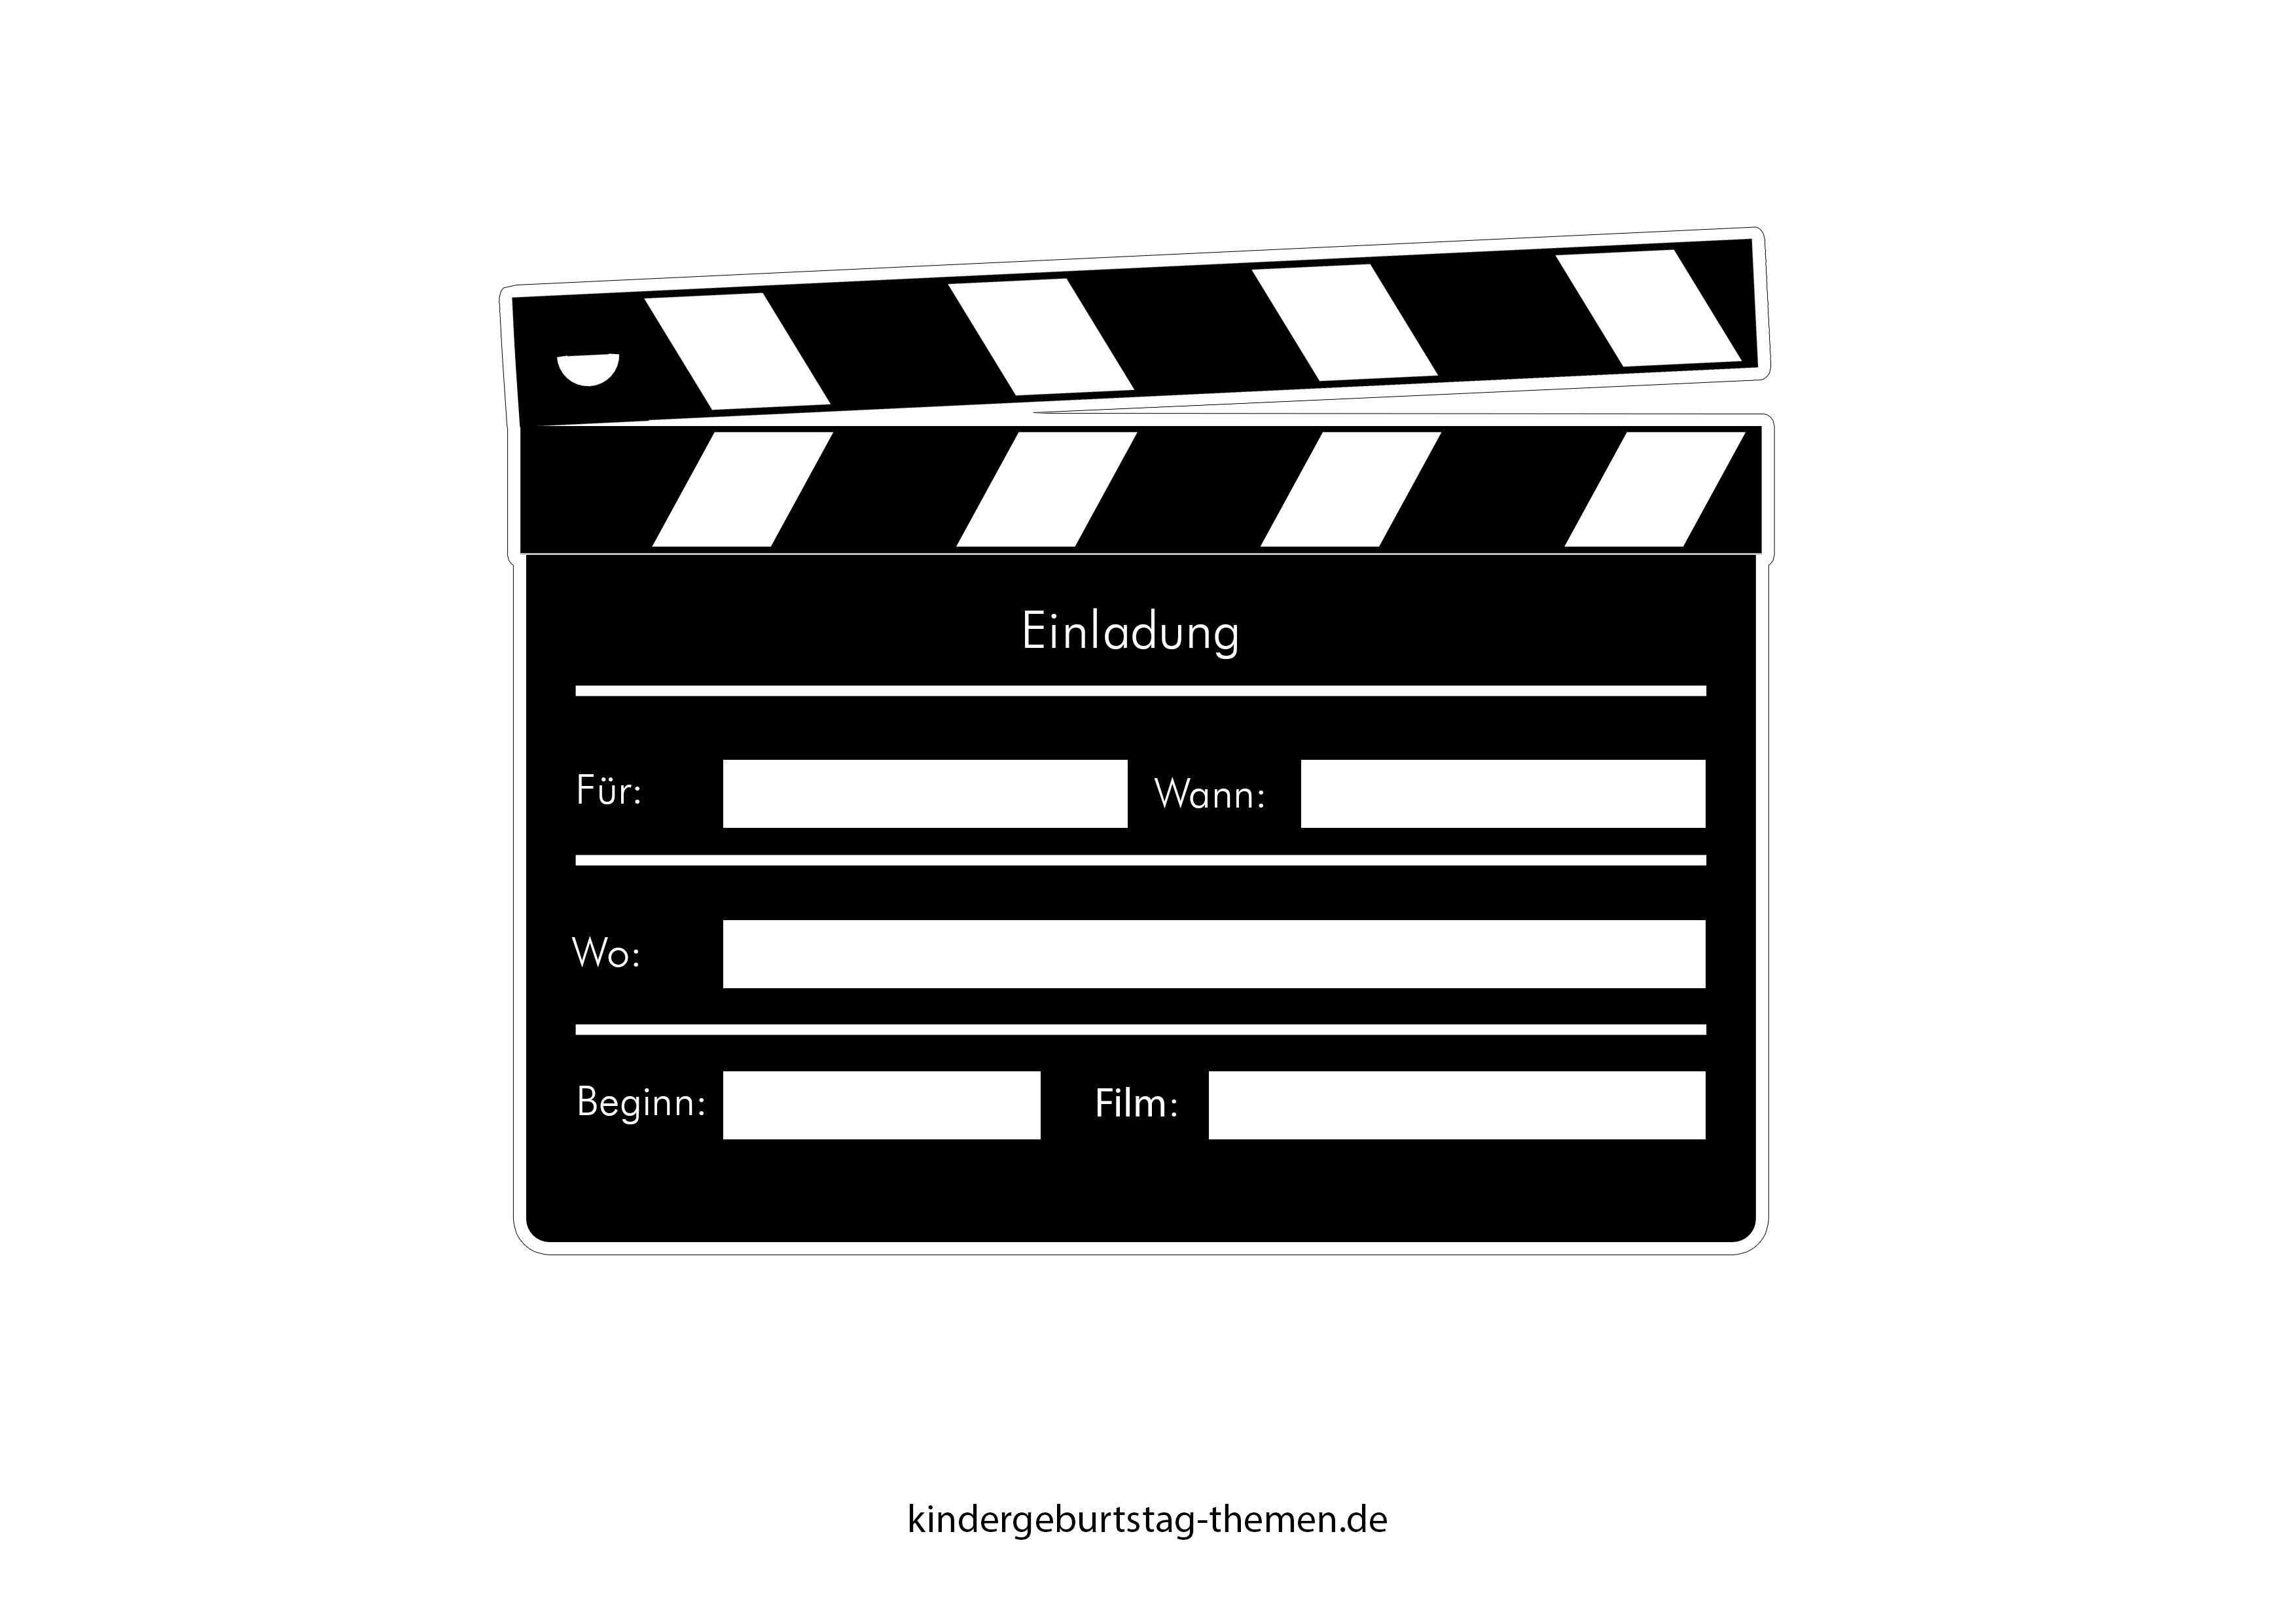 Kino Einladung Druckvorlage Fur Popcorn Karte Und Filmklappe Einladung Kindergeburtstag Einladungen Einladungskarten Kindergeburtstag